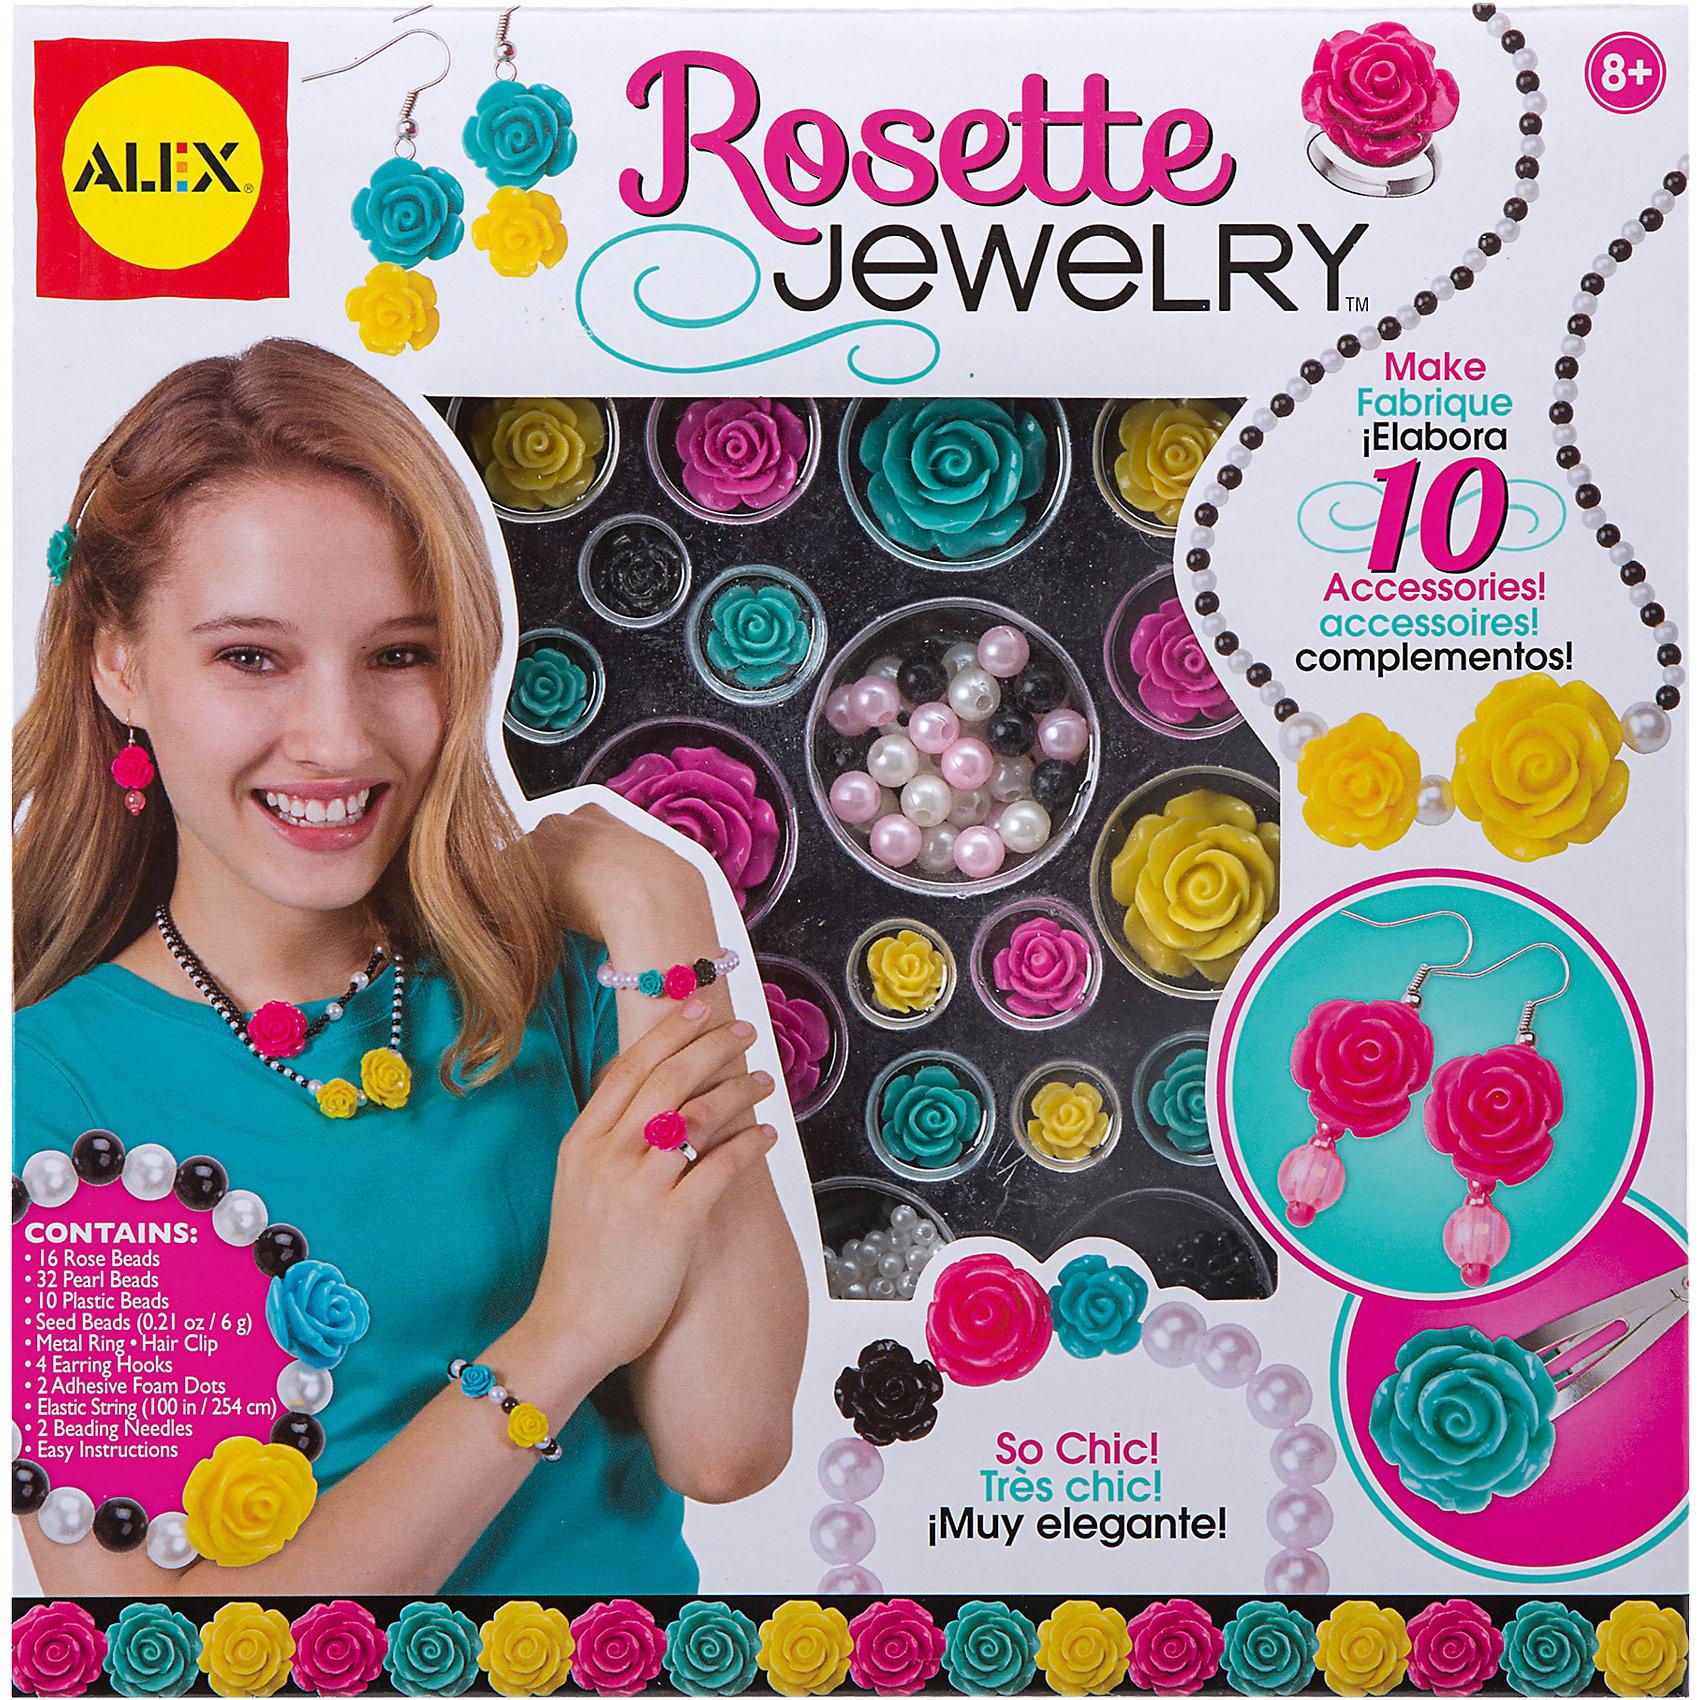 Набор для создания украшений Розы, AlexРукоделие<br>Создай кольца, заколки, ожерелья с очаровательными разноцветными розочками.<br>В наборе 16 розочек-бусин разных цветов и размеров , 32 жемчужные бусины, белый и черный бисер, металлическое кольцо с держателем для розочки, 4 крючка для сережек, заколка для волос, эластичный шнур, 2 самоклеящихся кружка для крепления розочек,  2 иголки и инструкция.<br><br>Ширина мм: 254<br>Глубина мм: 254<br>Высота мм: 50<br>Вес г: 325<br>Возраст от месяцев: 96<br>Возраст до месяцев: 168<br>Пол: Женский<br>Возраст: Детский<br>SKU: 4144066